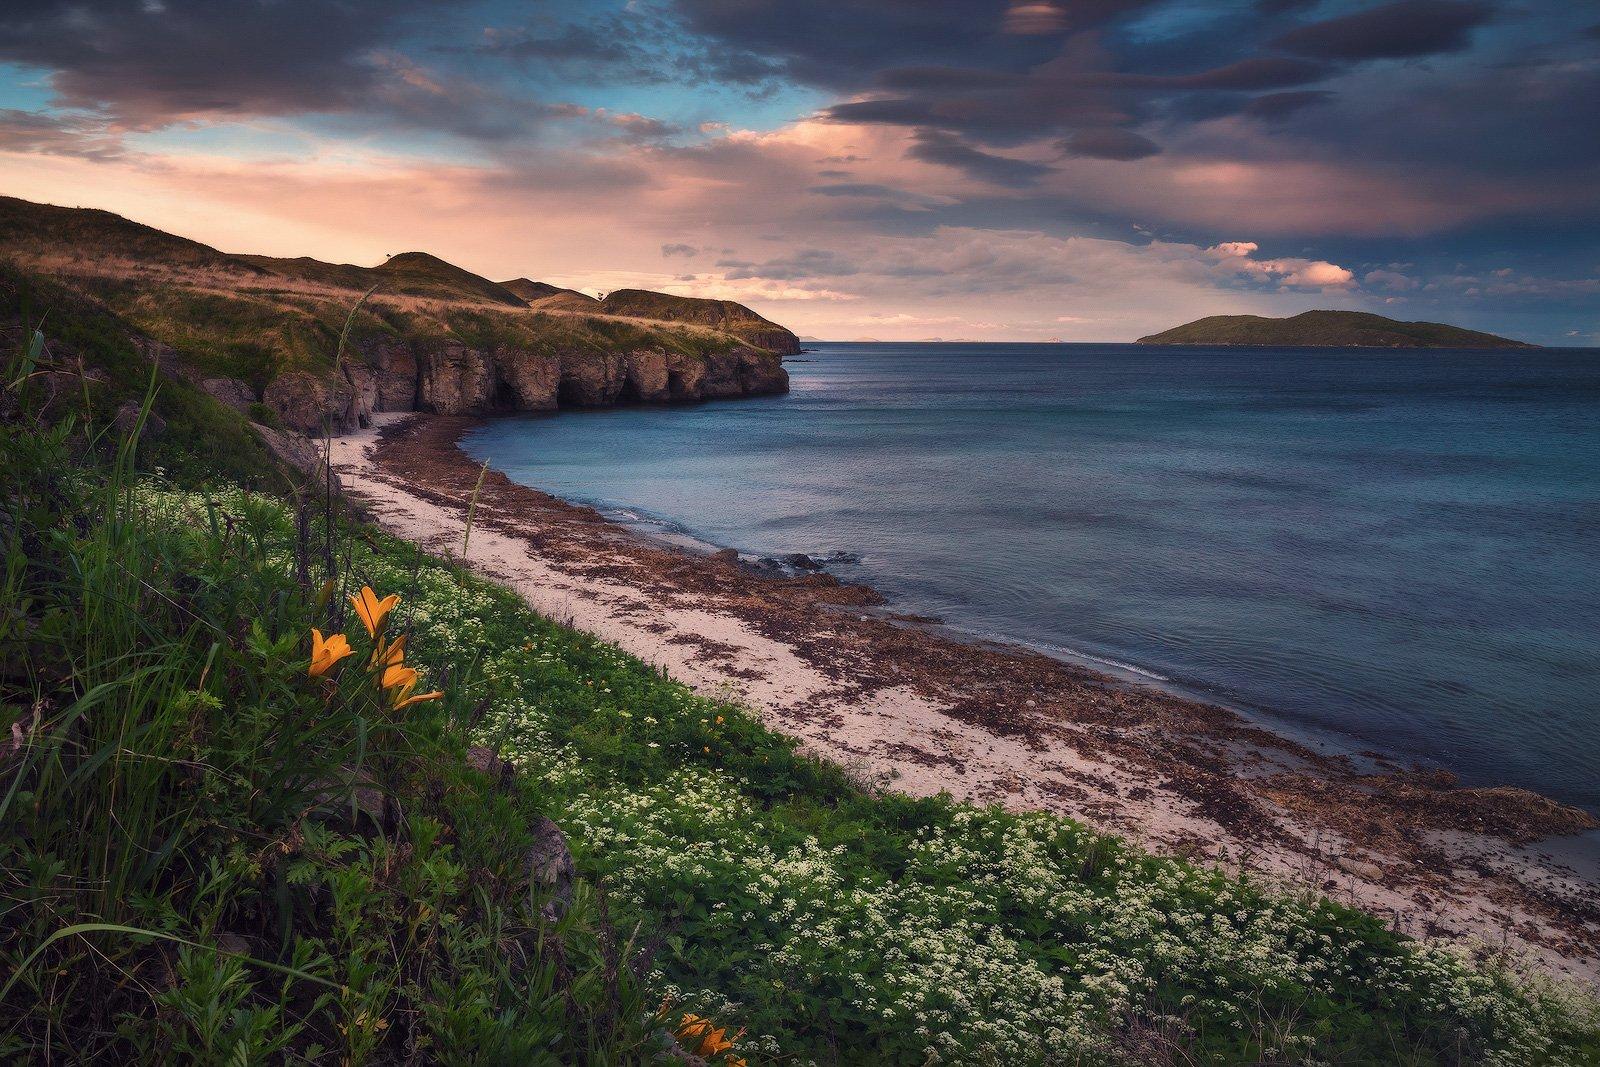 Вечер, Море, Пляж, Скалы, Цветы, Андрей Кровлин